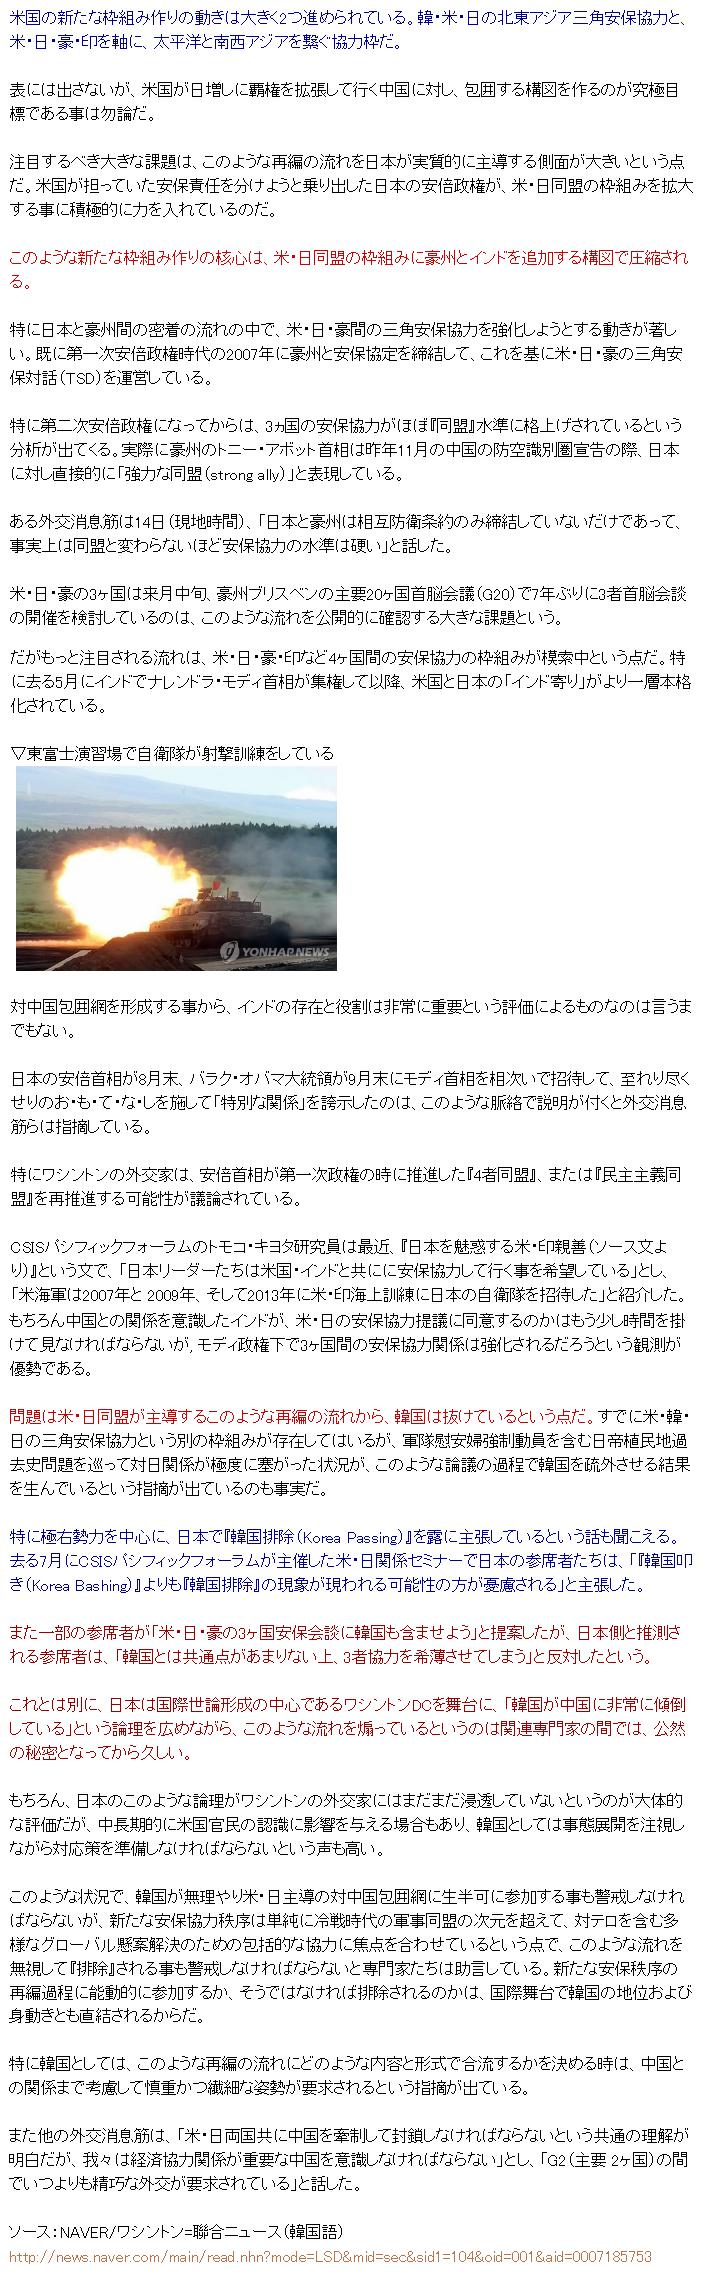 チョン「日米同盟が進めるシナ包囲網からチョン国が排除」